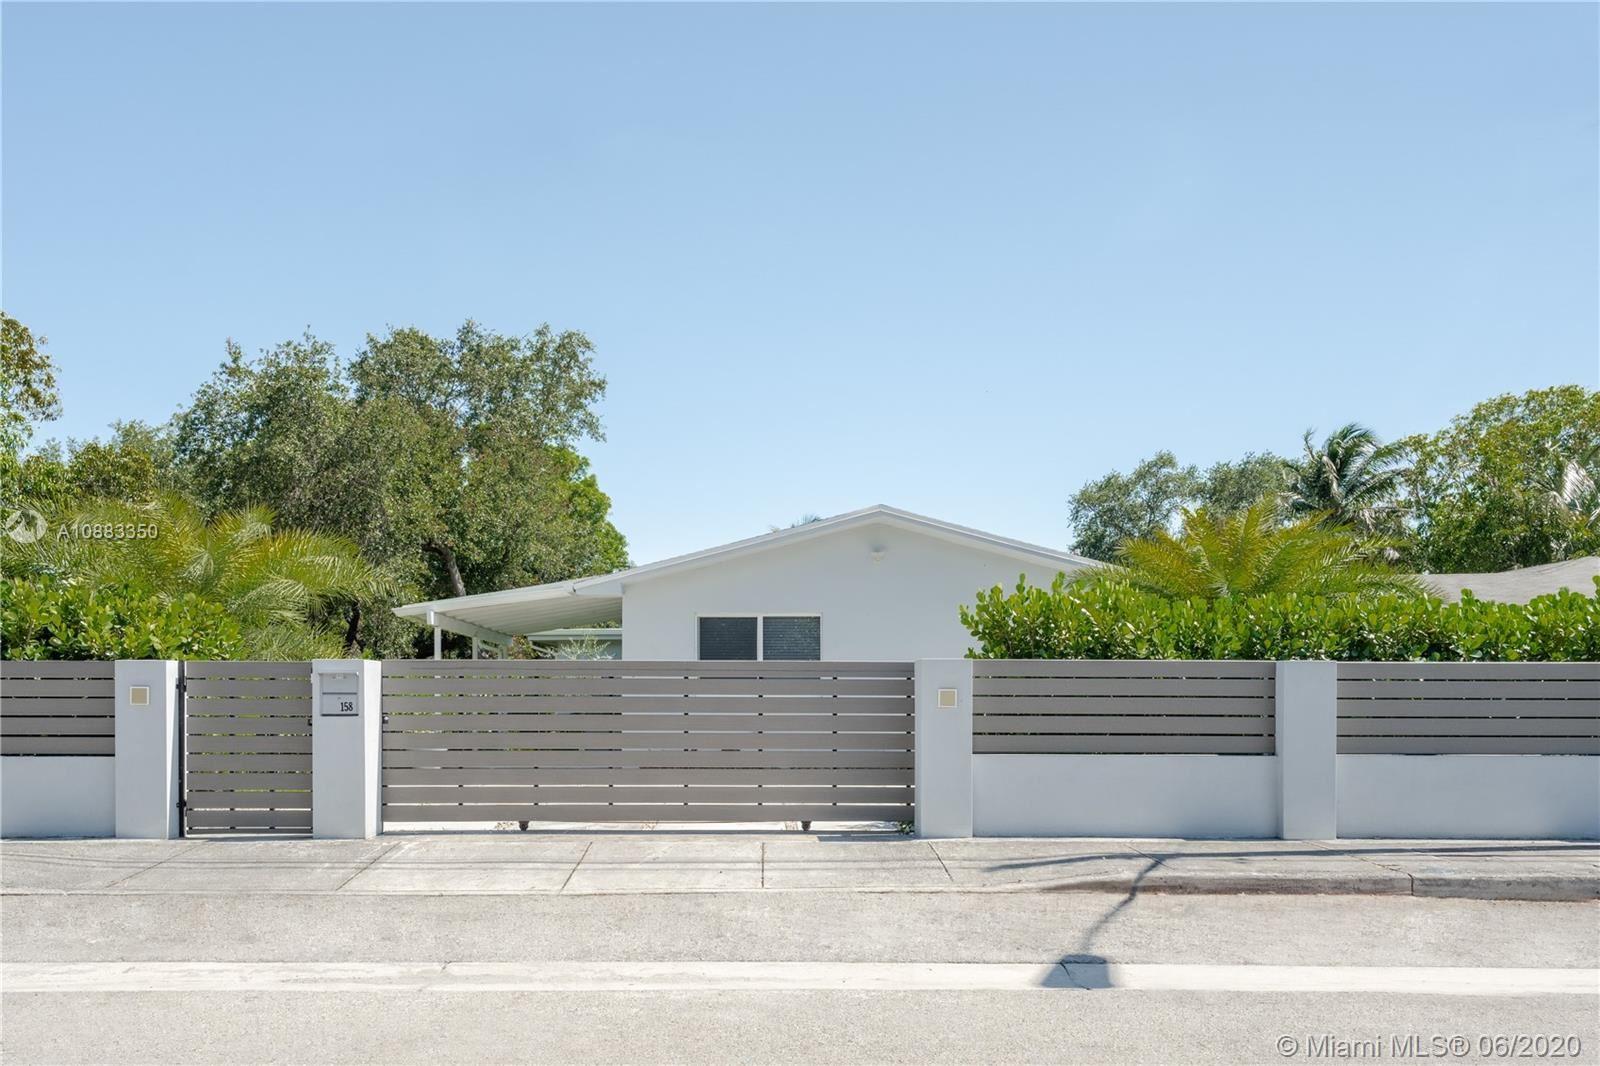 158 NW 51st, Miami, FL 33127 - #: A10883350